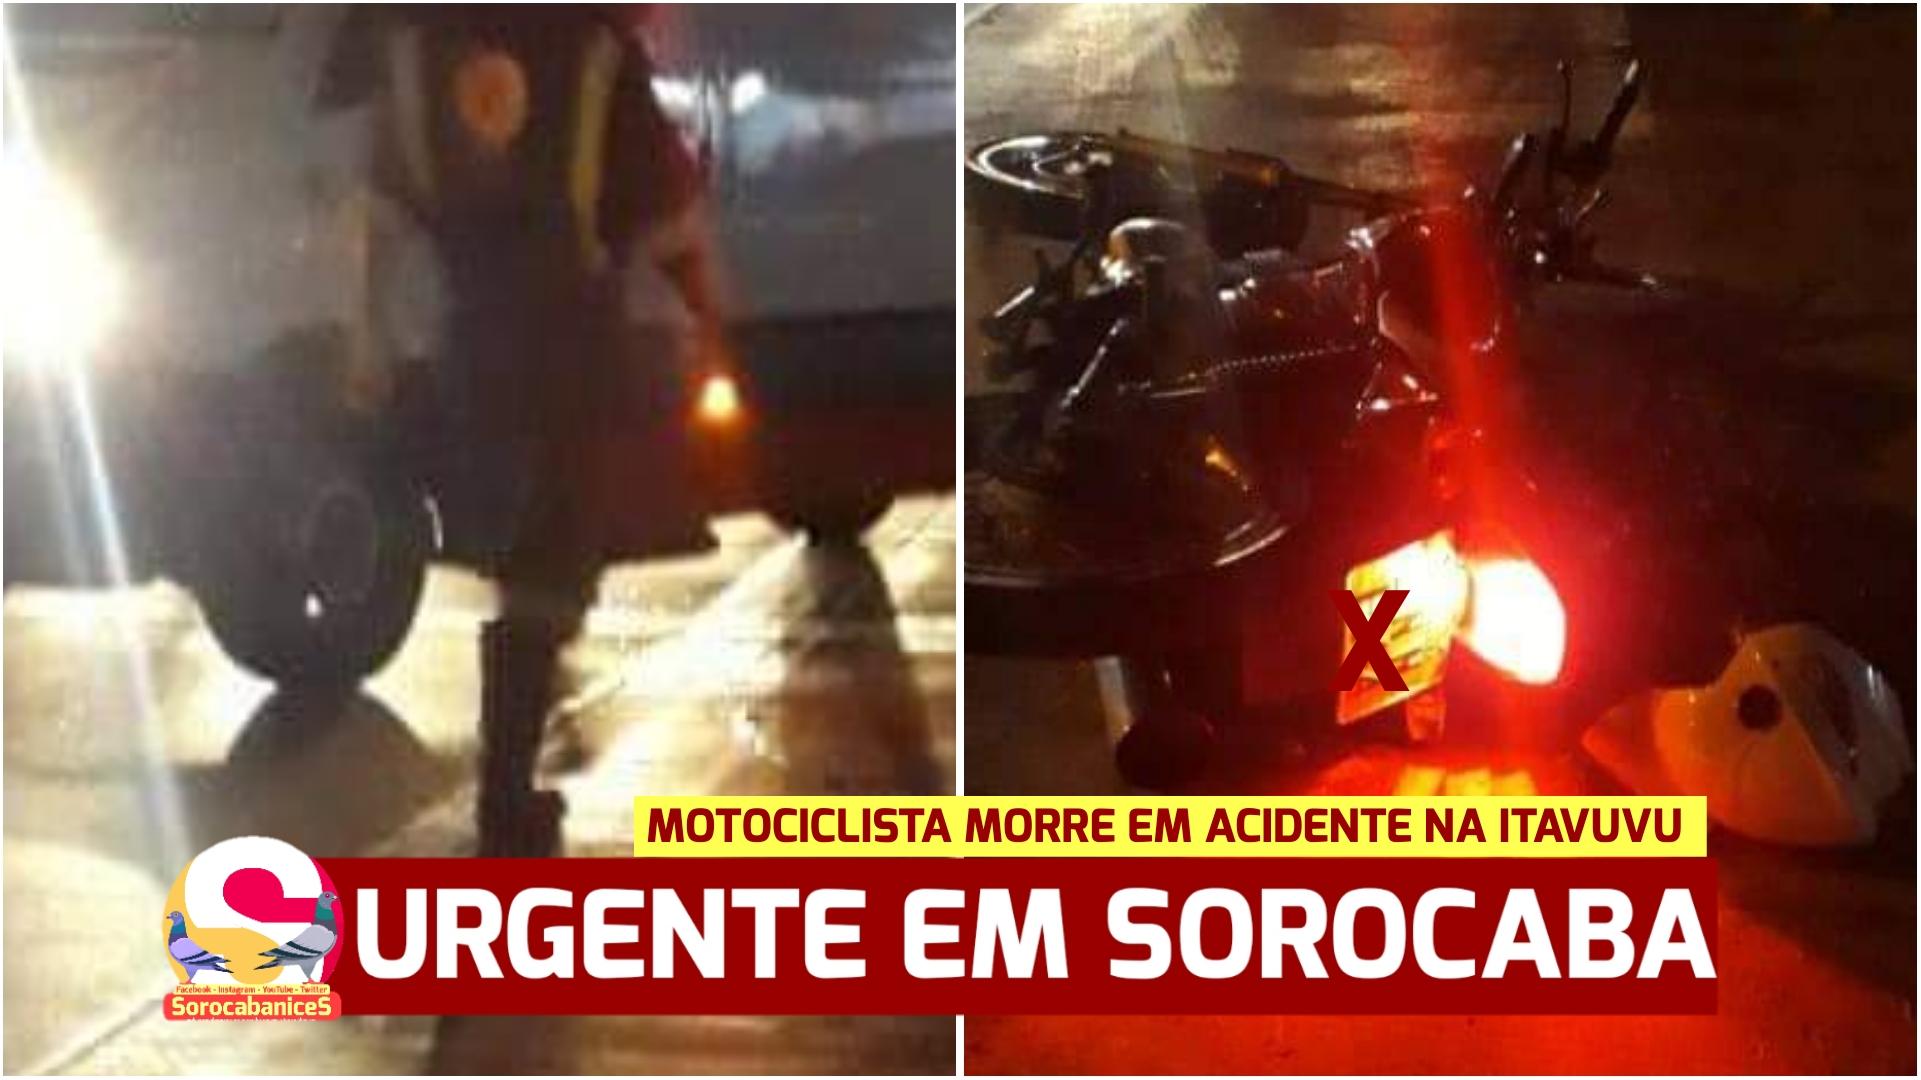 Motociclista morre em acidente na avenida Itavuvu, zona norte de Sorocaba